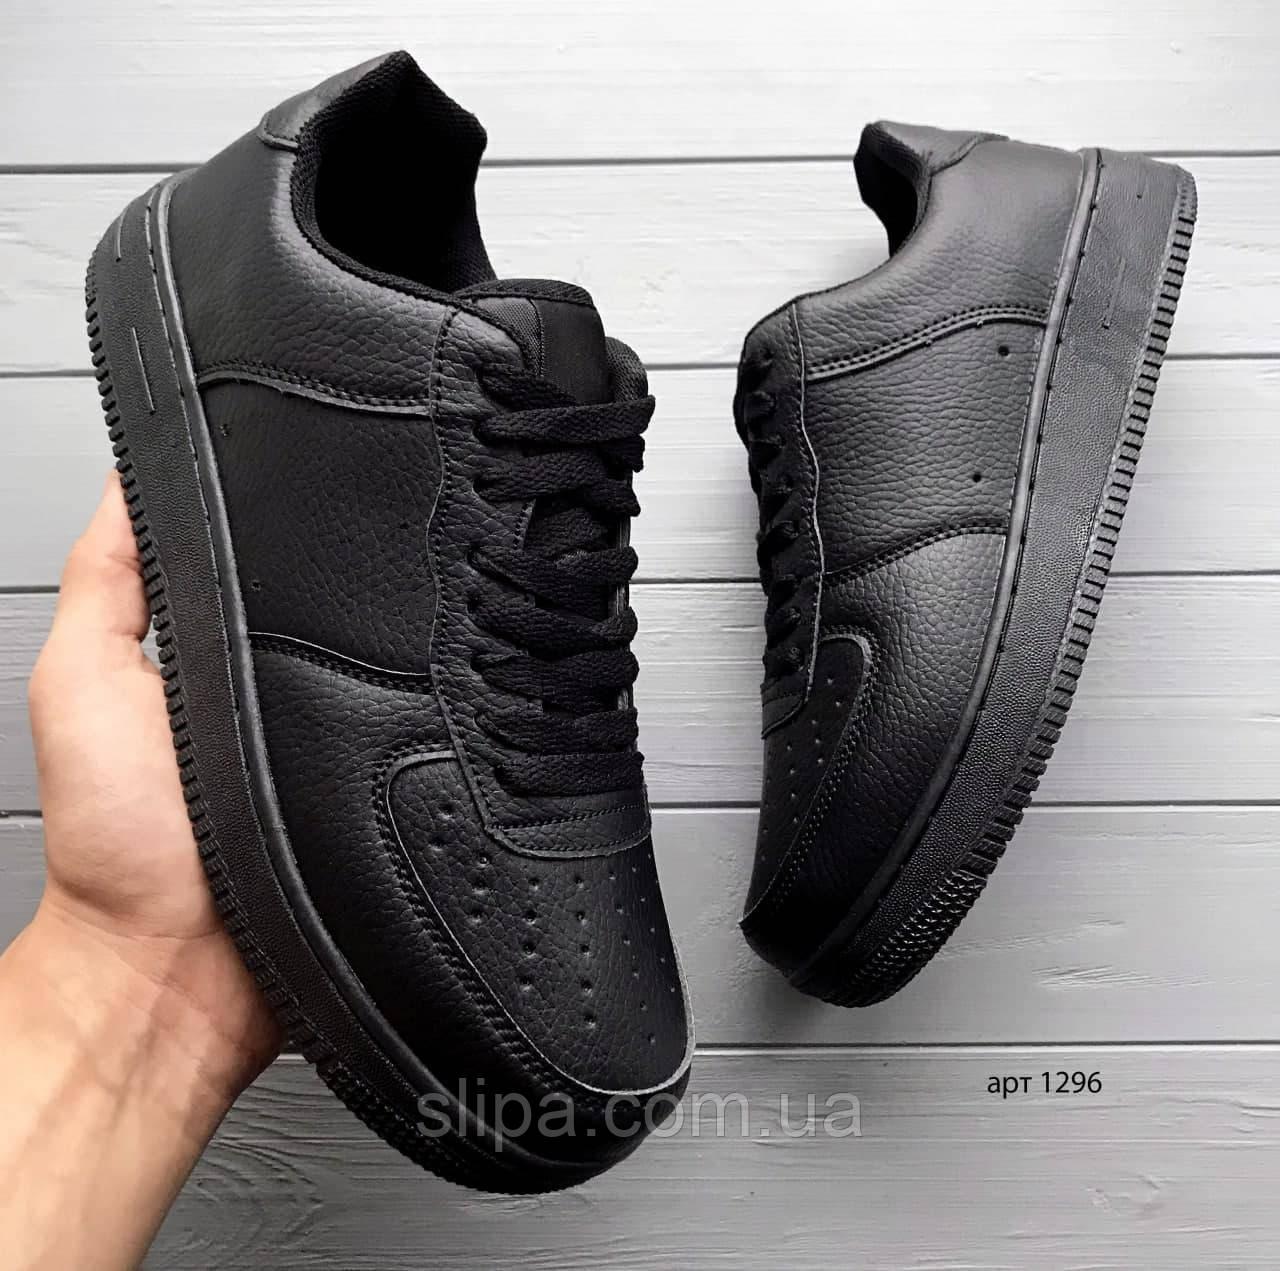 Мужские кожаные кроссовки Black FRE